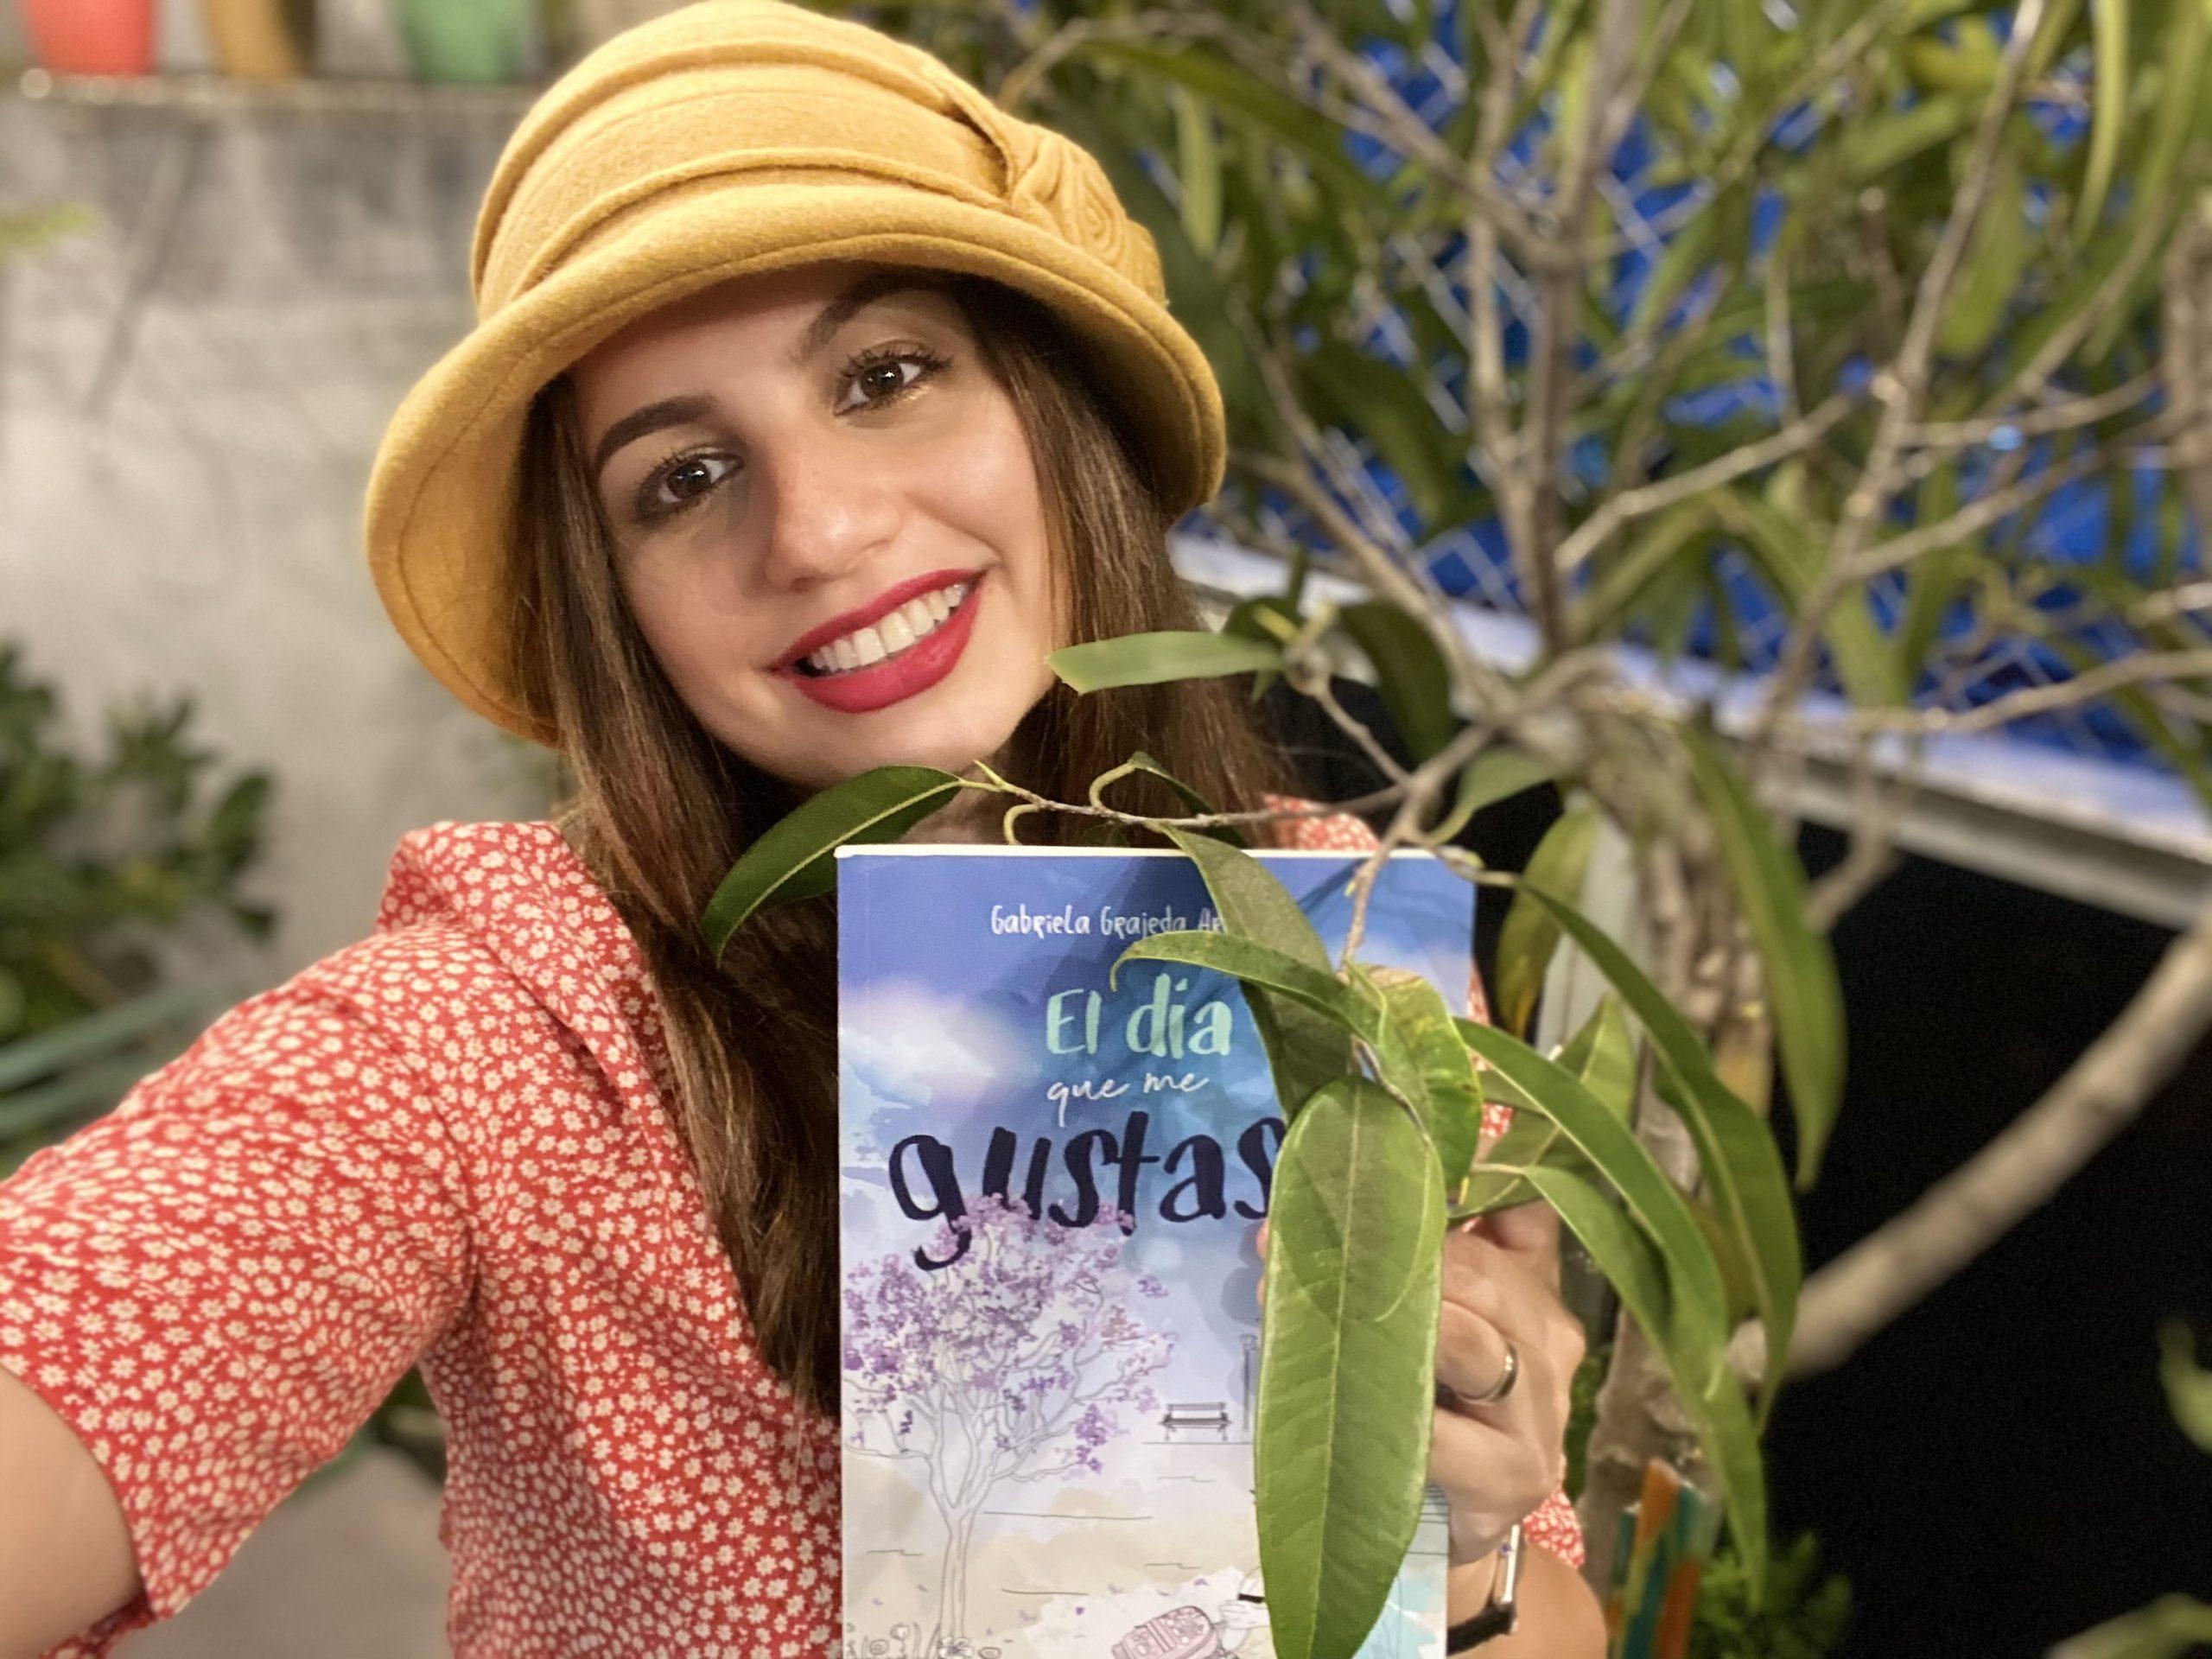 Gabriela Grajeda